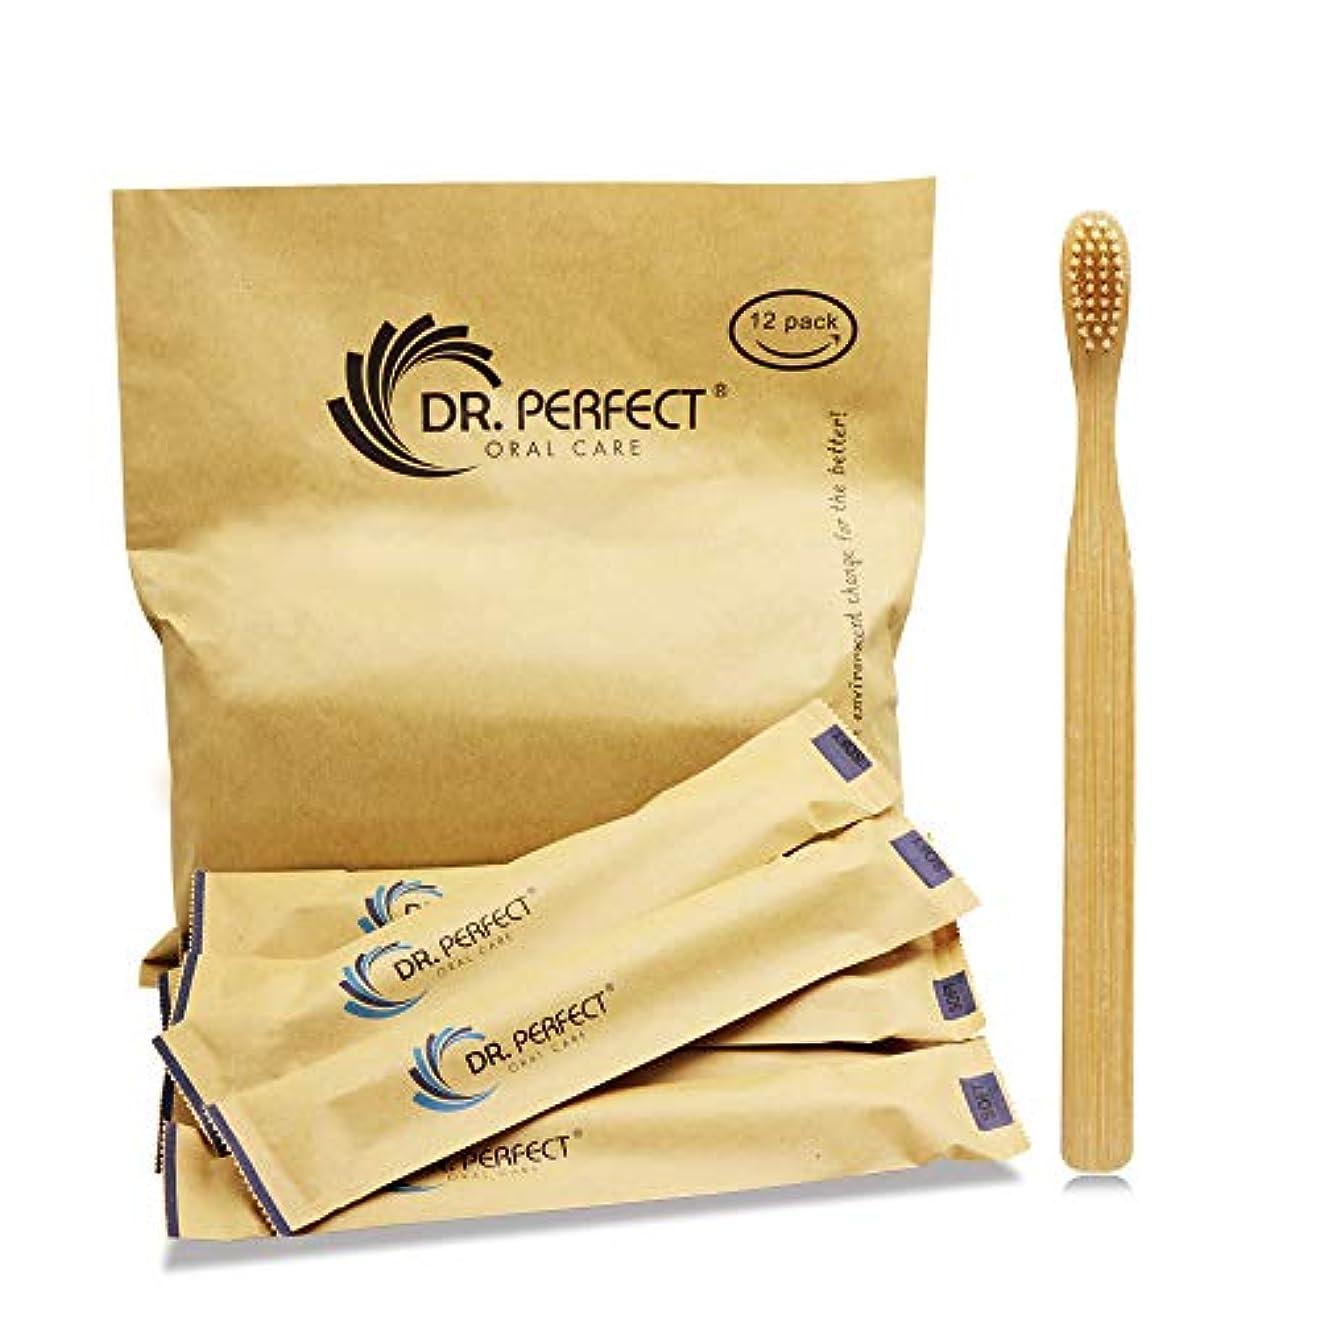 データベース疑い者なんとなくDR.PERFECT 竹歯ブラシ柔らかい天然剛毛 竹